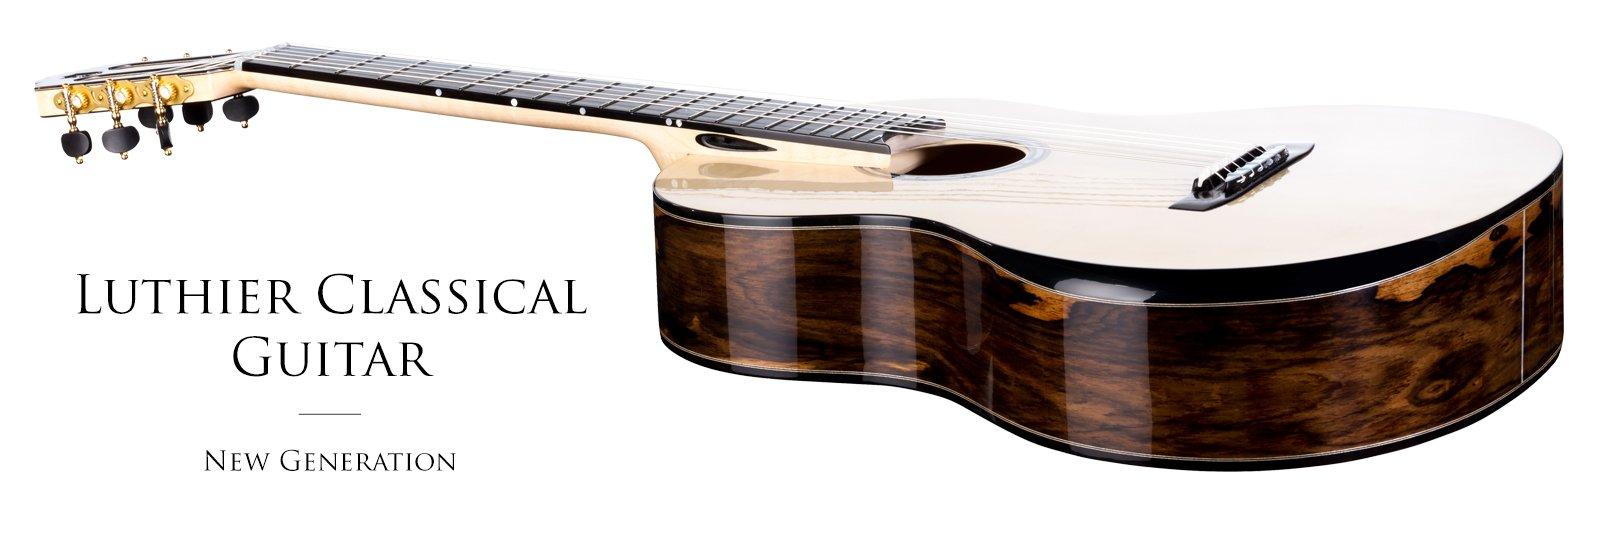 Luthier handmade classical guitar